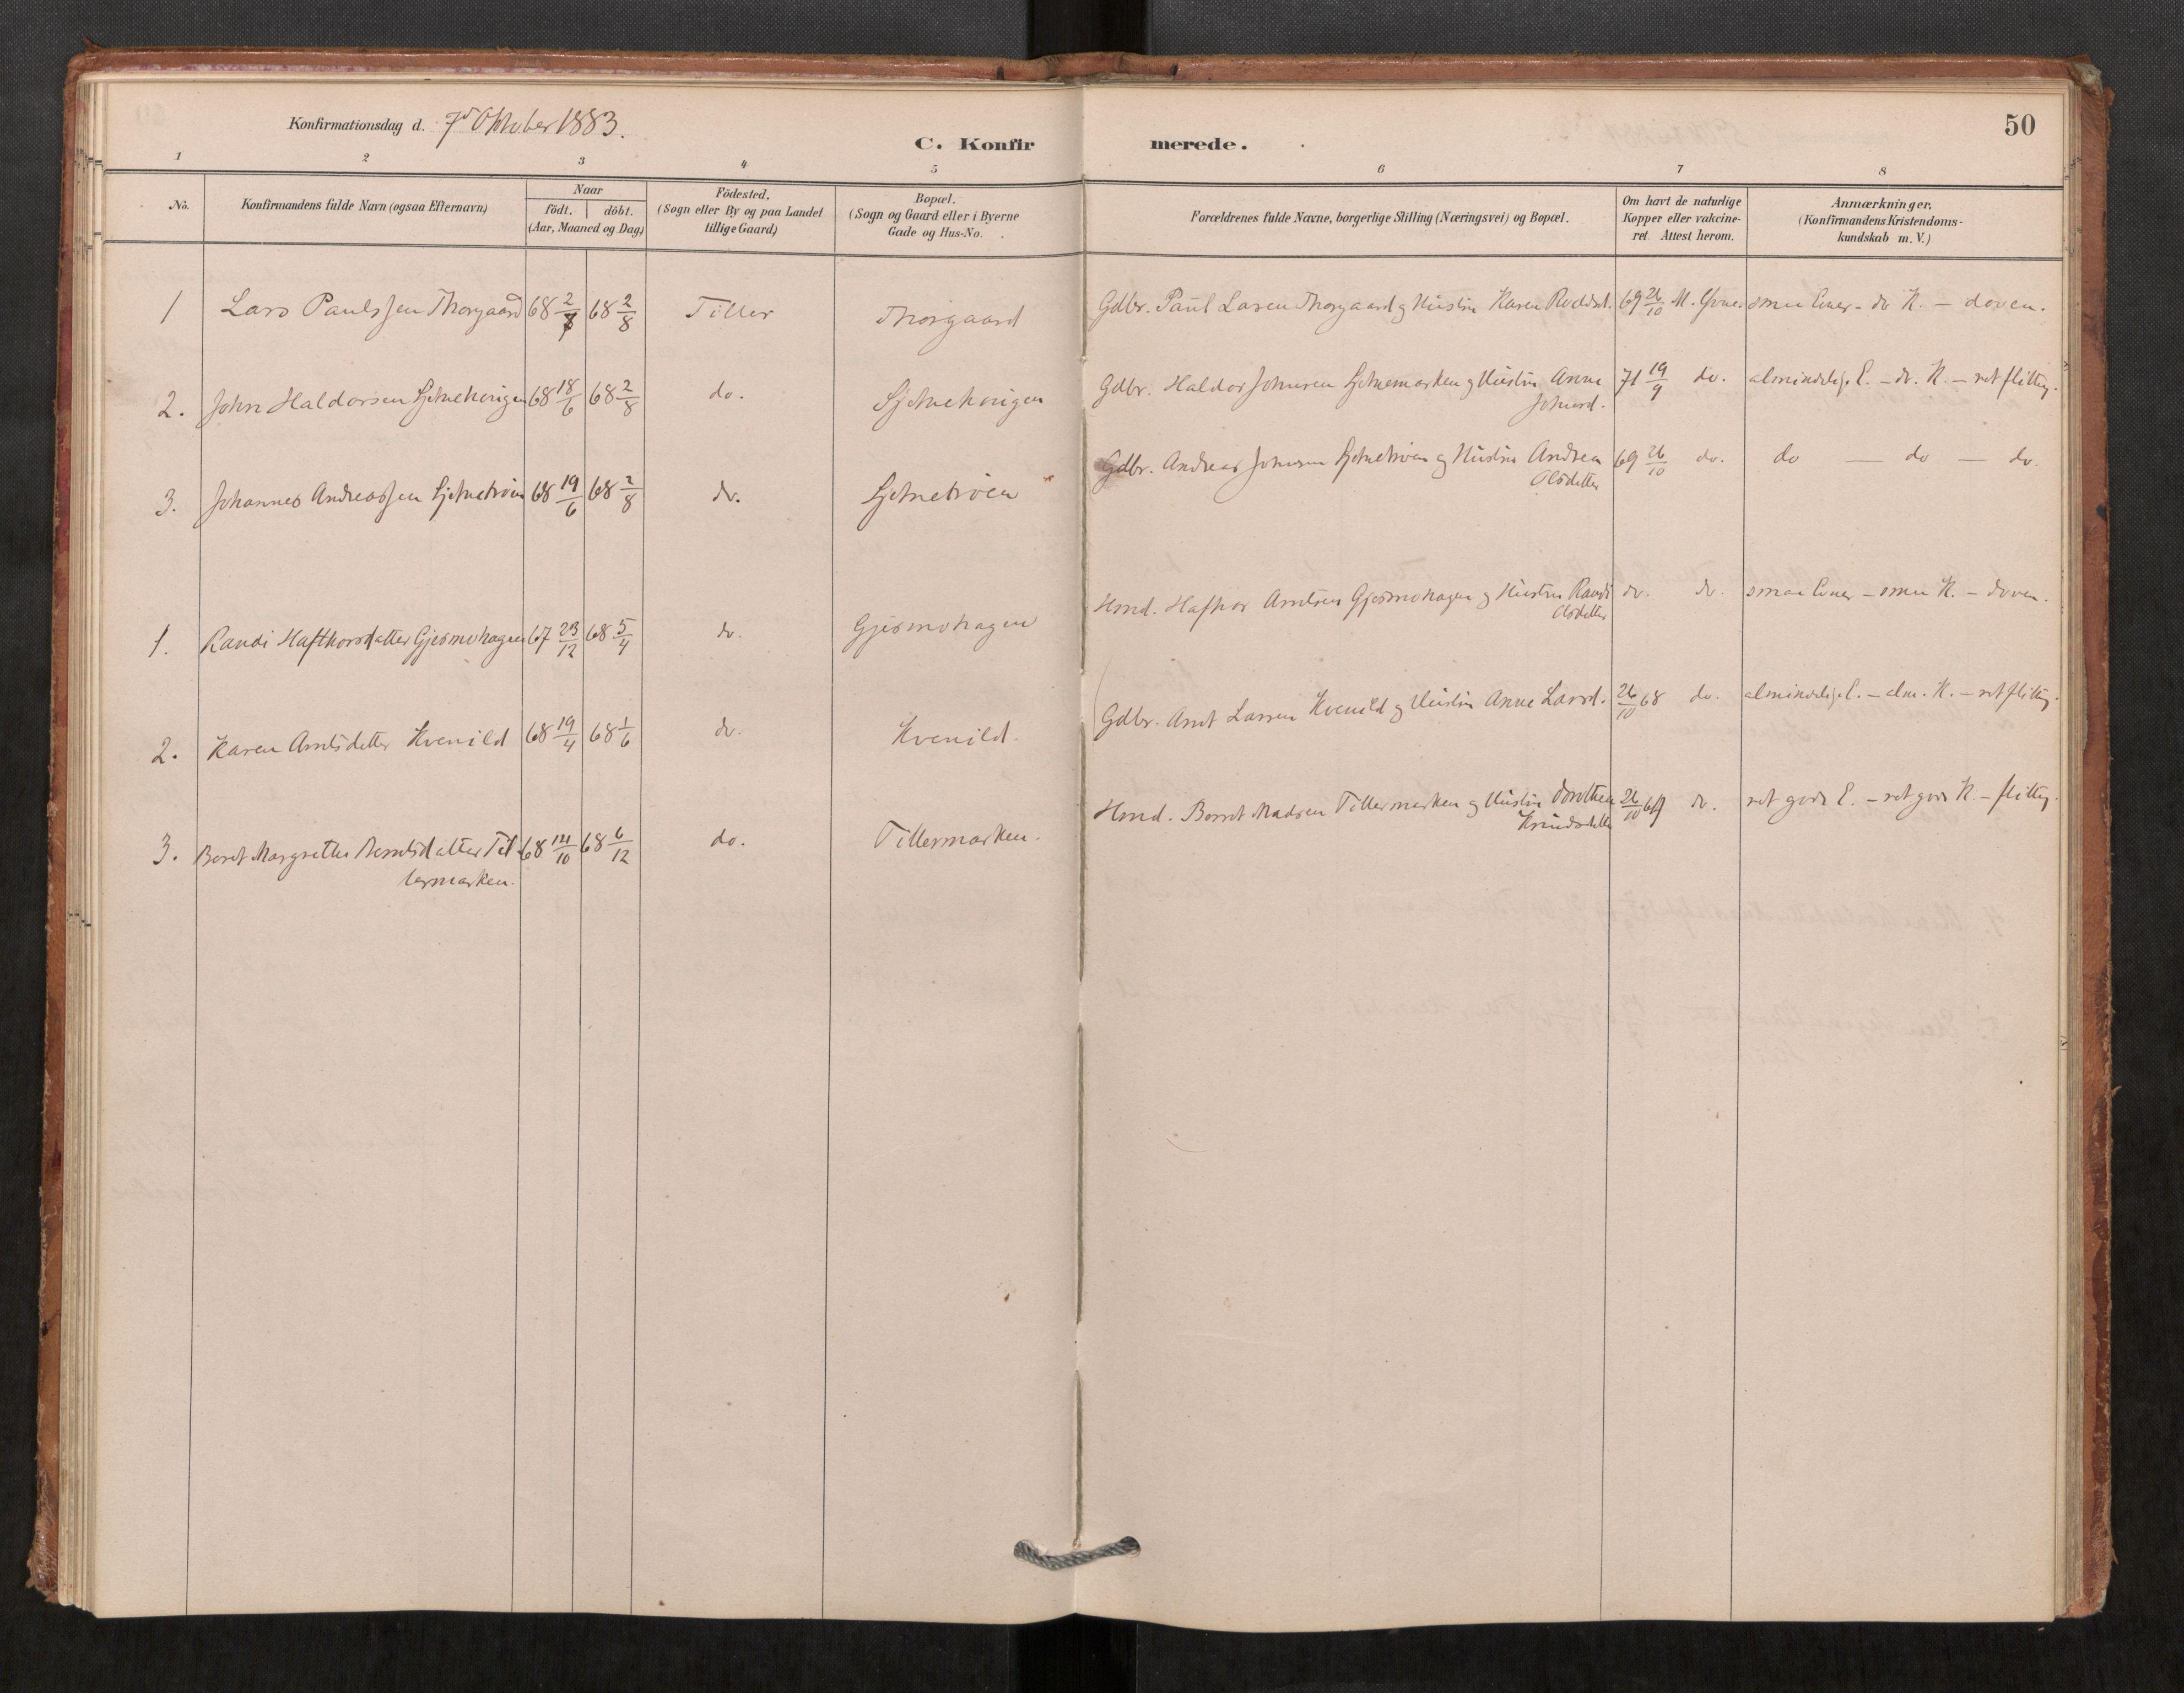 SAT, Klæbu sokneprestkontor, Parish register (official) no. 1, 1880-1900, p. 50